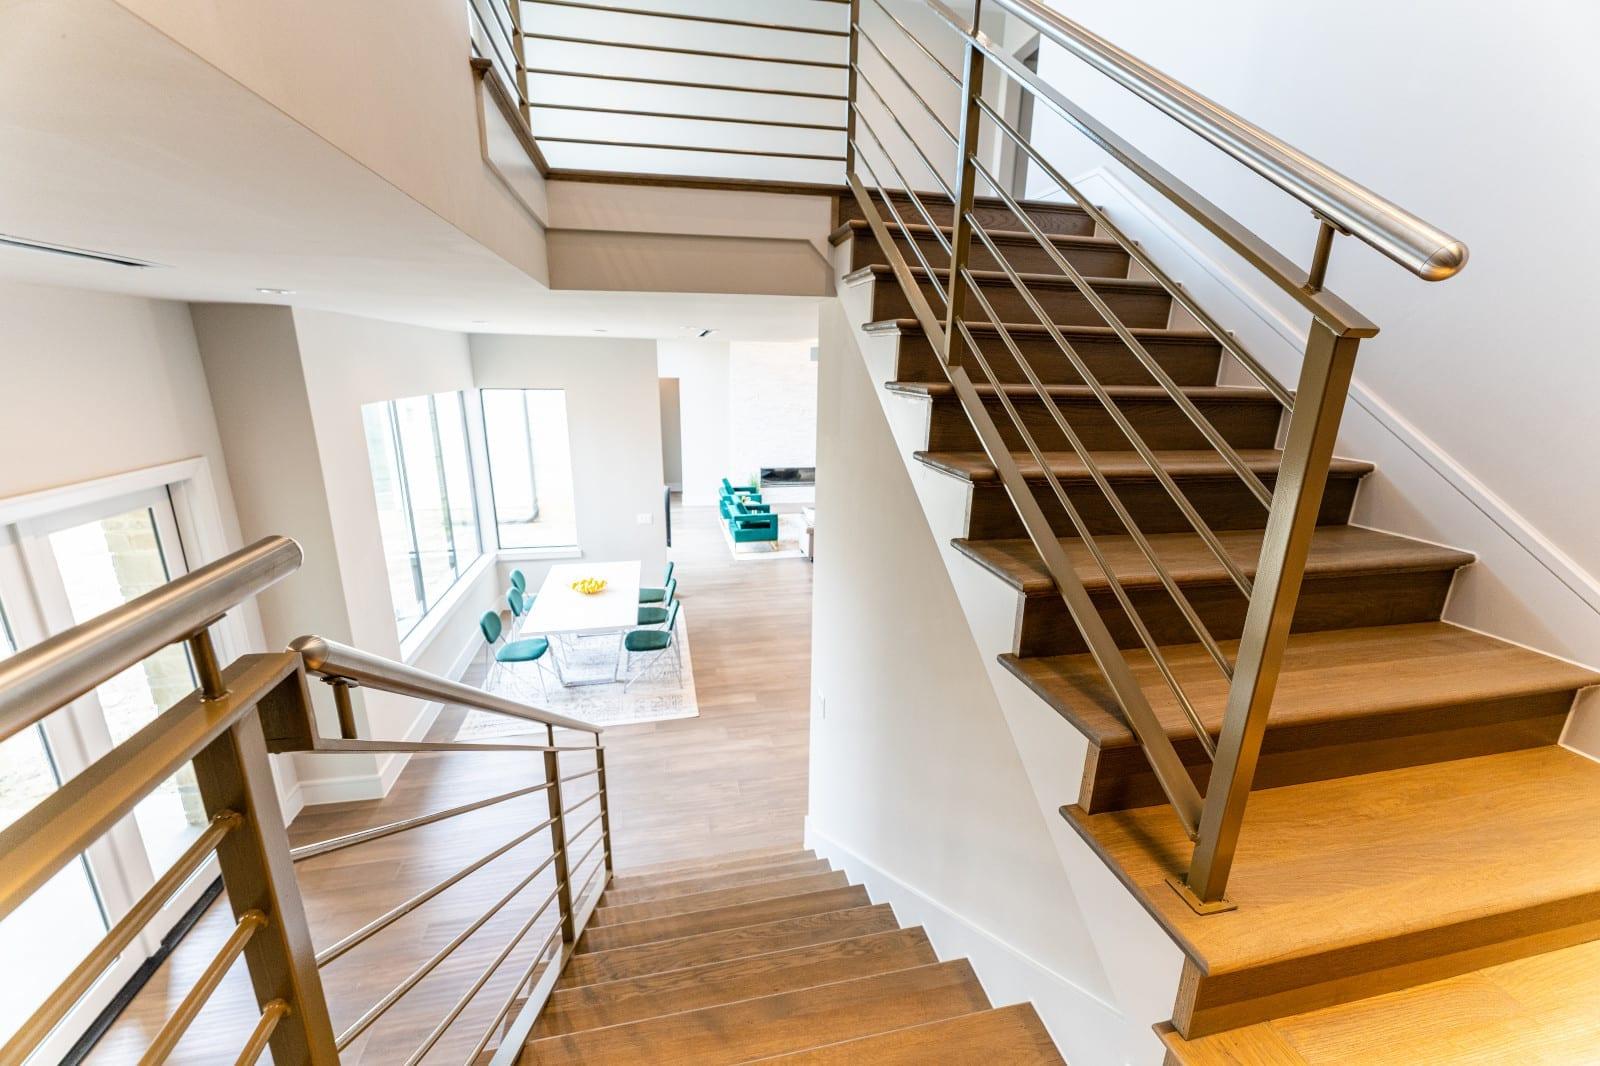 modern home design 29 - Millennial Design + Build